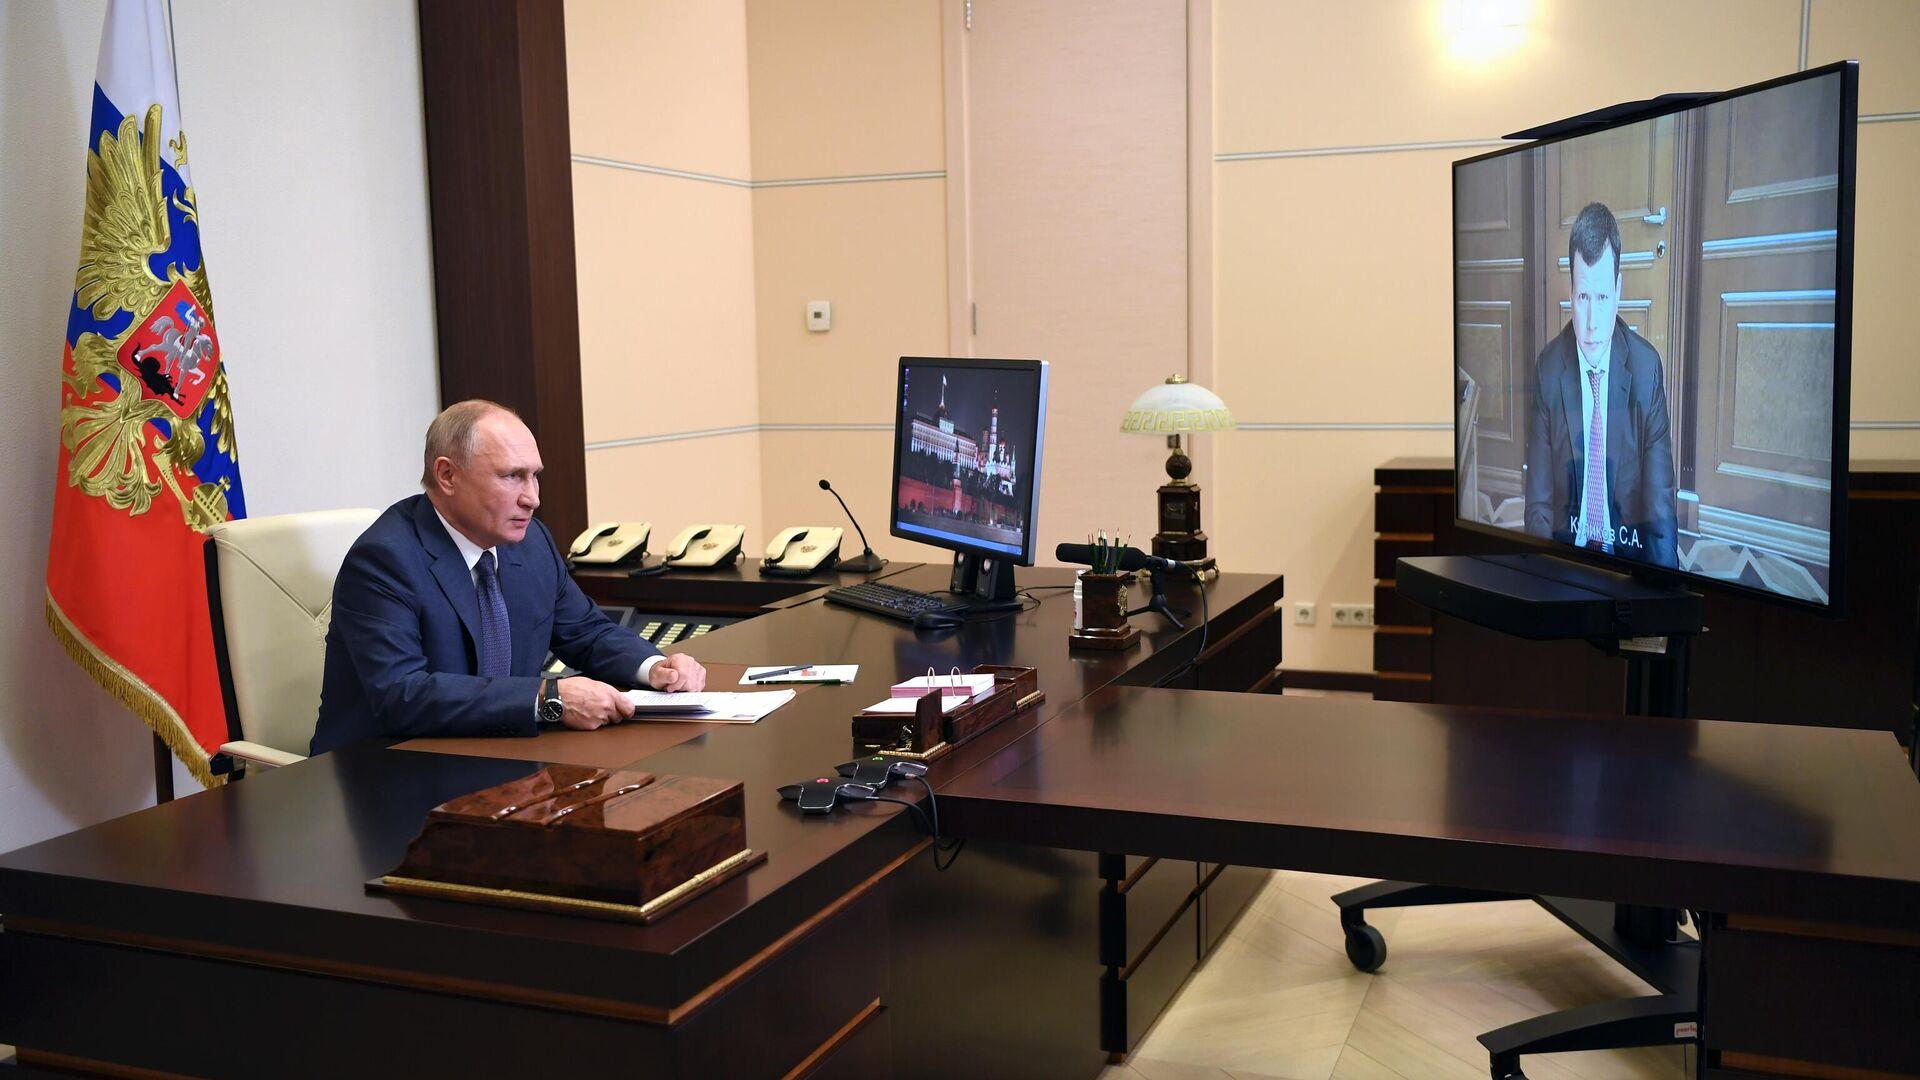 Президент РФ Владимир Путин во время встречи в режиме видеоконференции с Сергеем Куликовым - РИА Новости, 1920, 02.12.2020